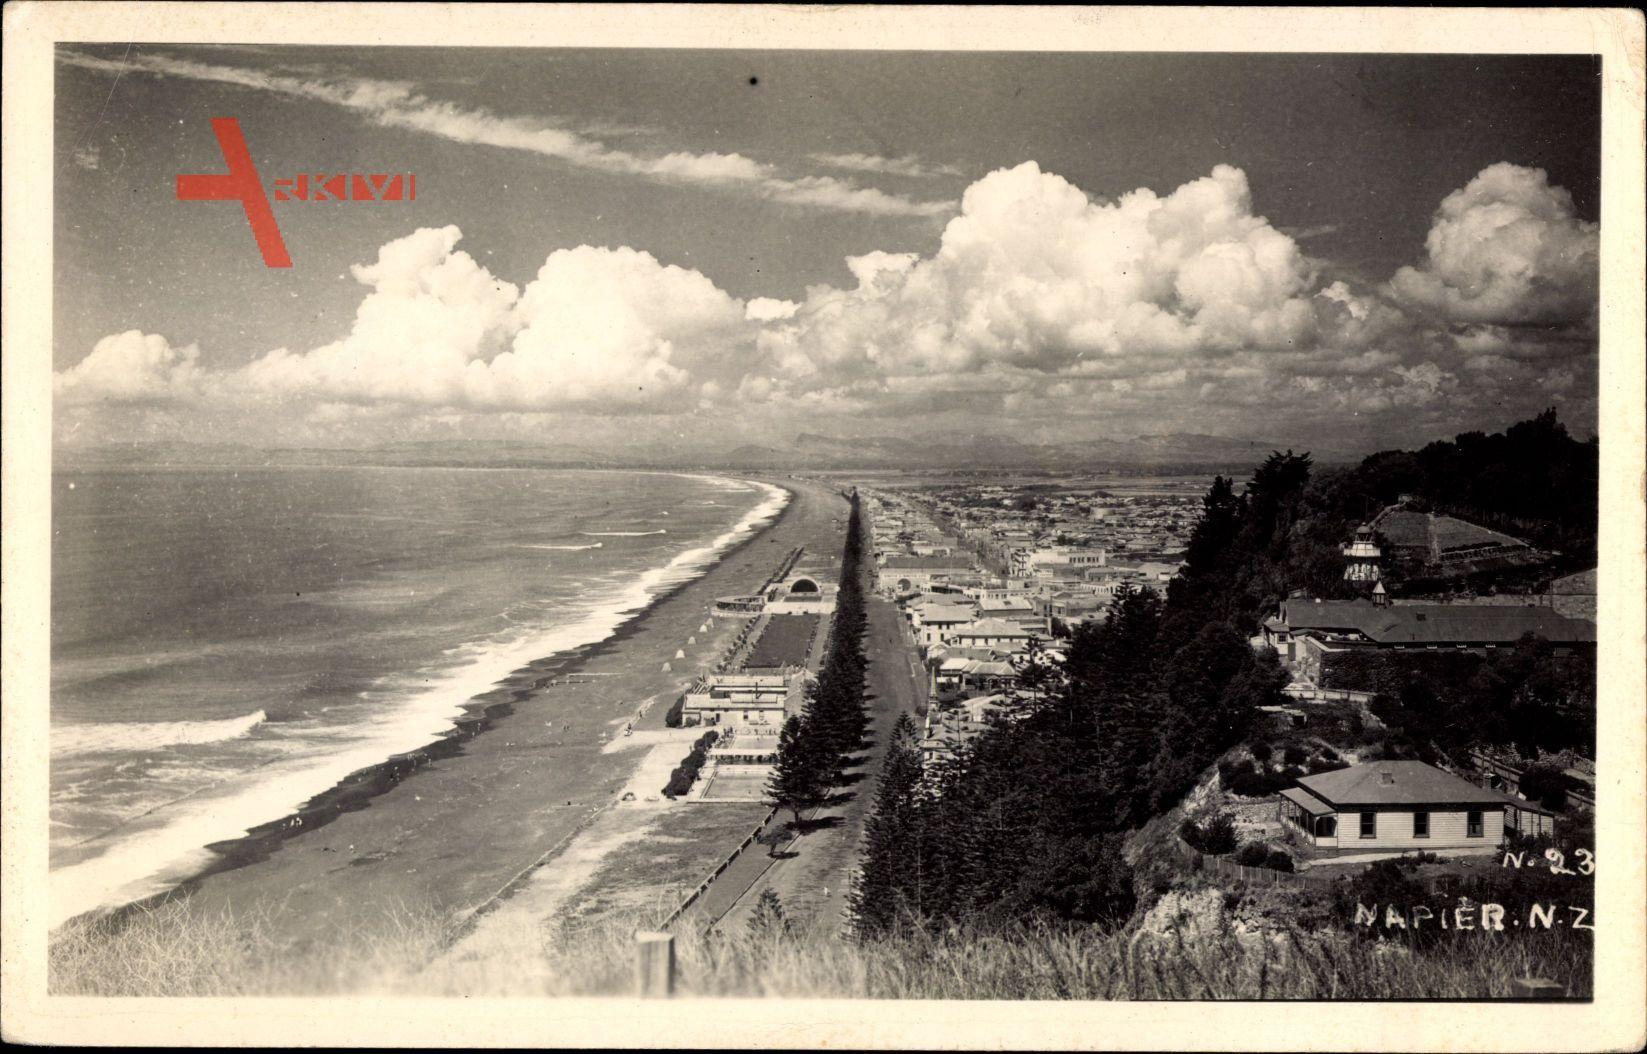 Napier Neuseeland, Blick auf die Stadt mit Strandansicht, Wolken